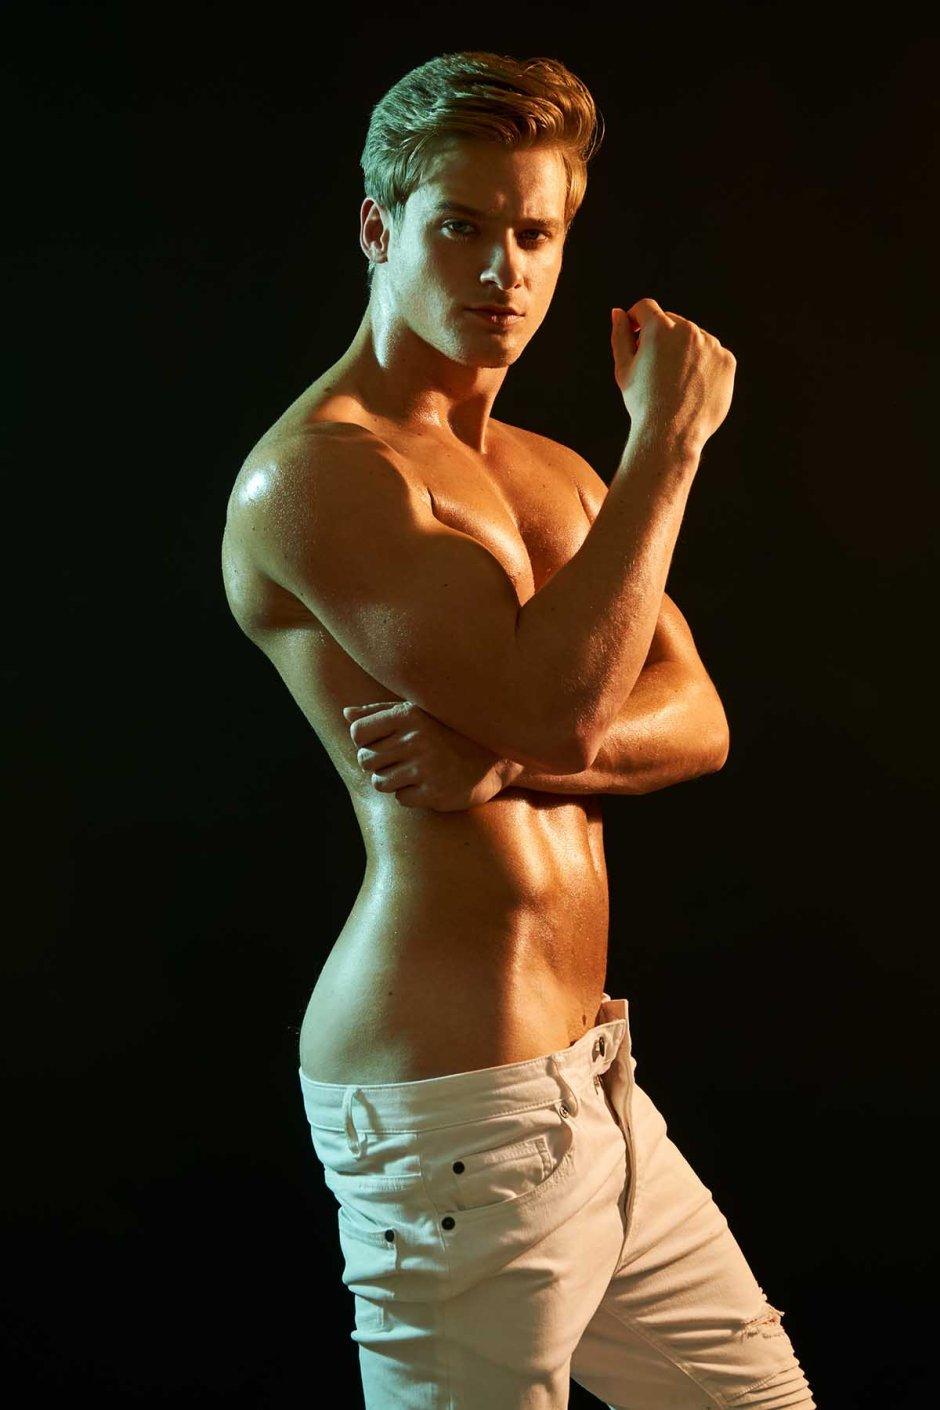 Renan Corbani by Travis H. Lane for Brazilian Male Model_003